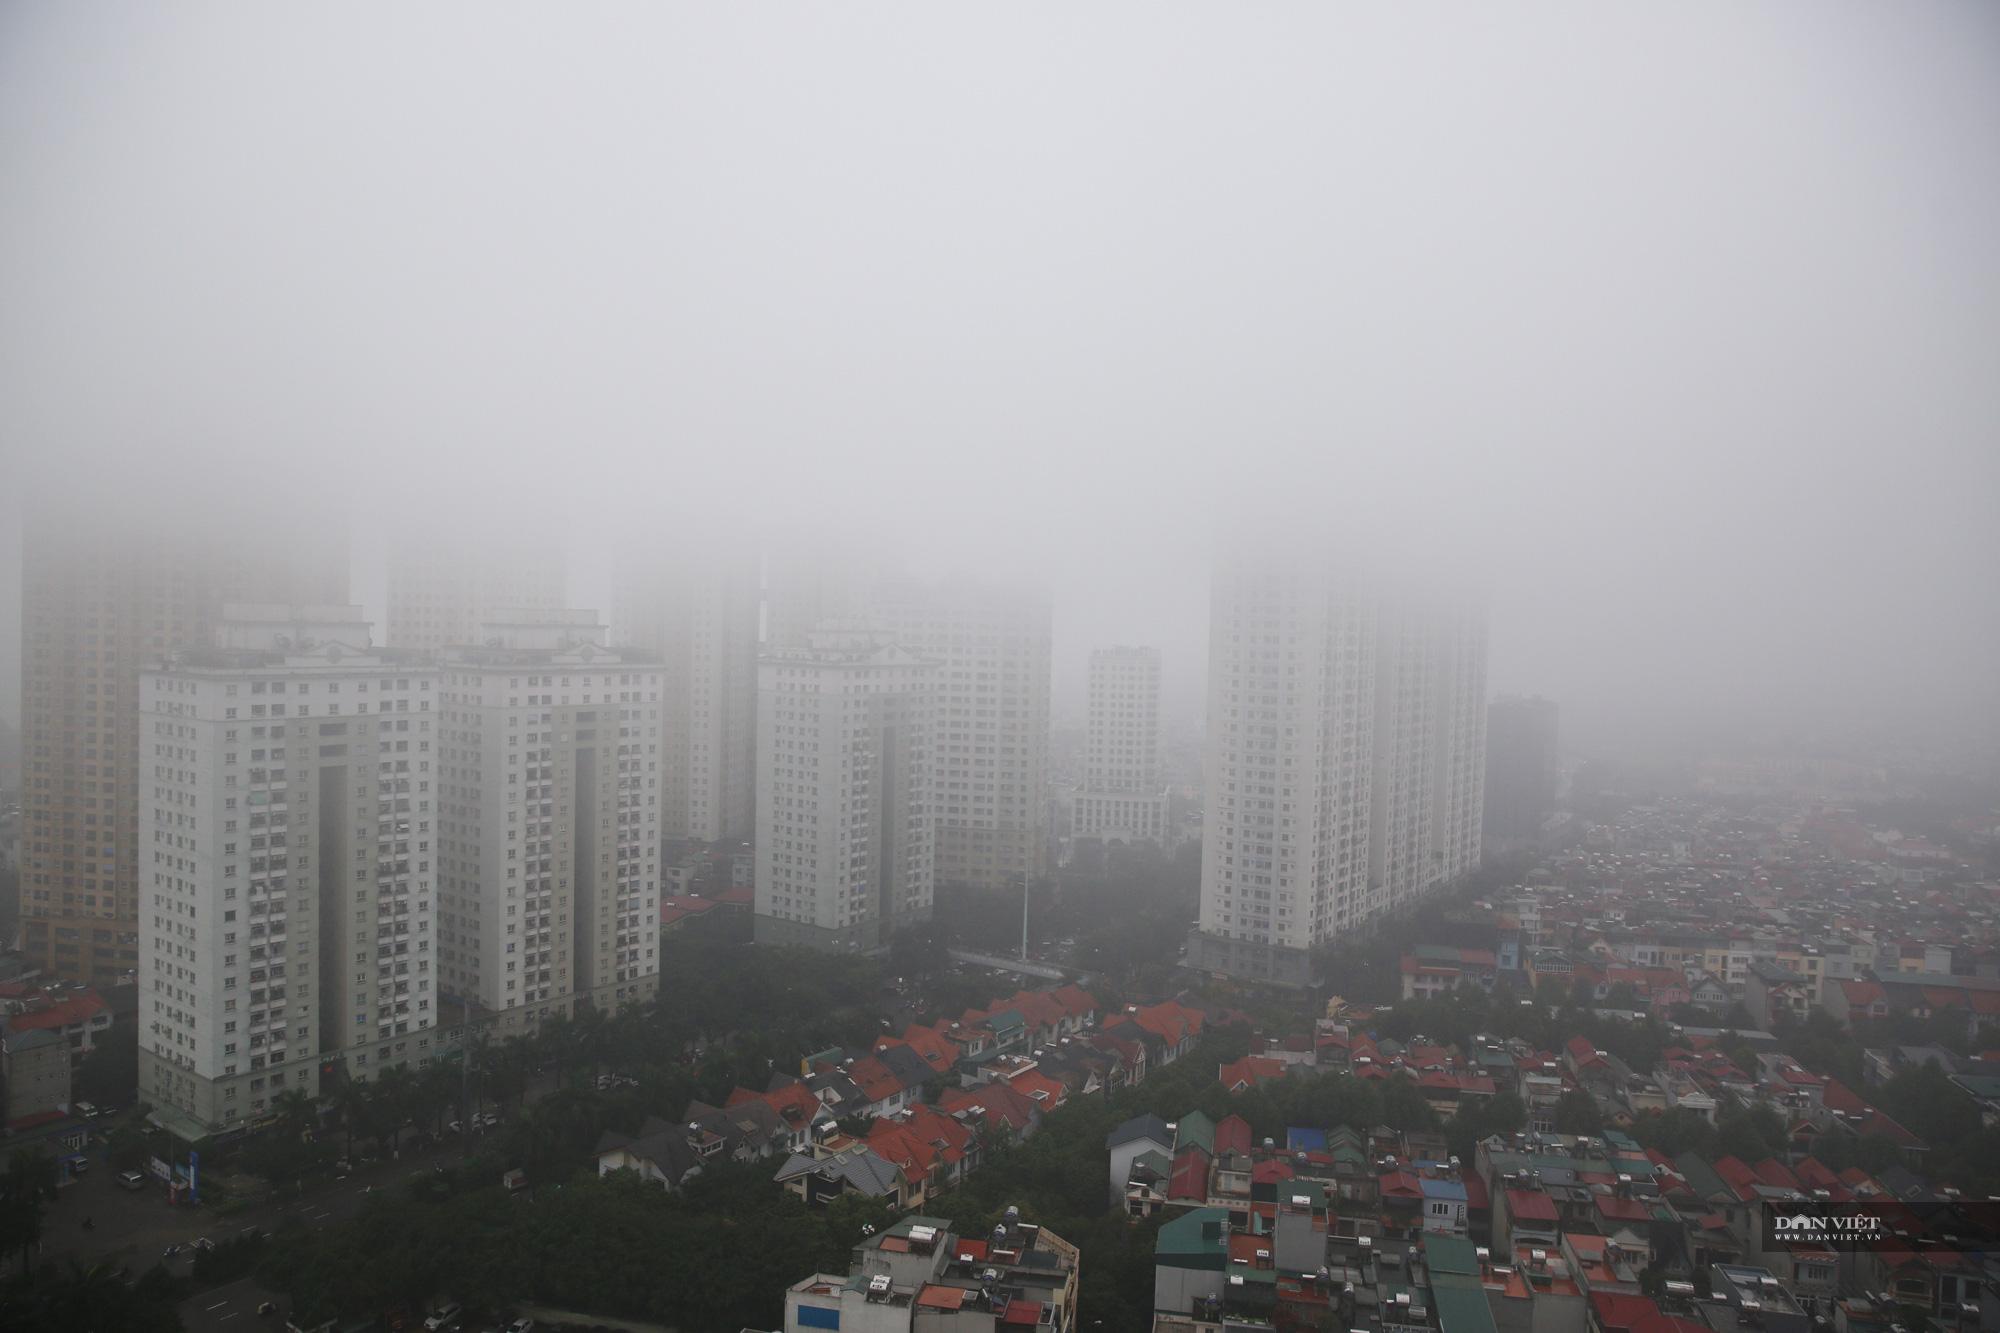 Hà Nội tắc đường và mờ sương như Đà Lạt - Ảnh 1.